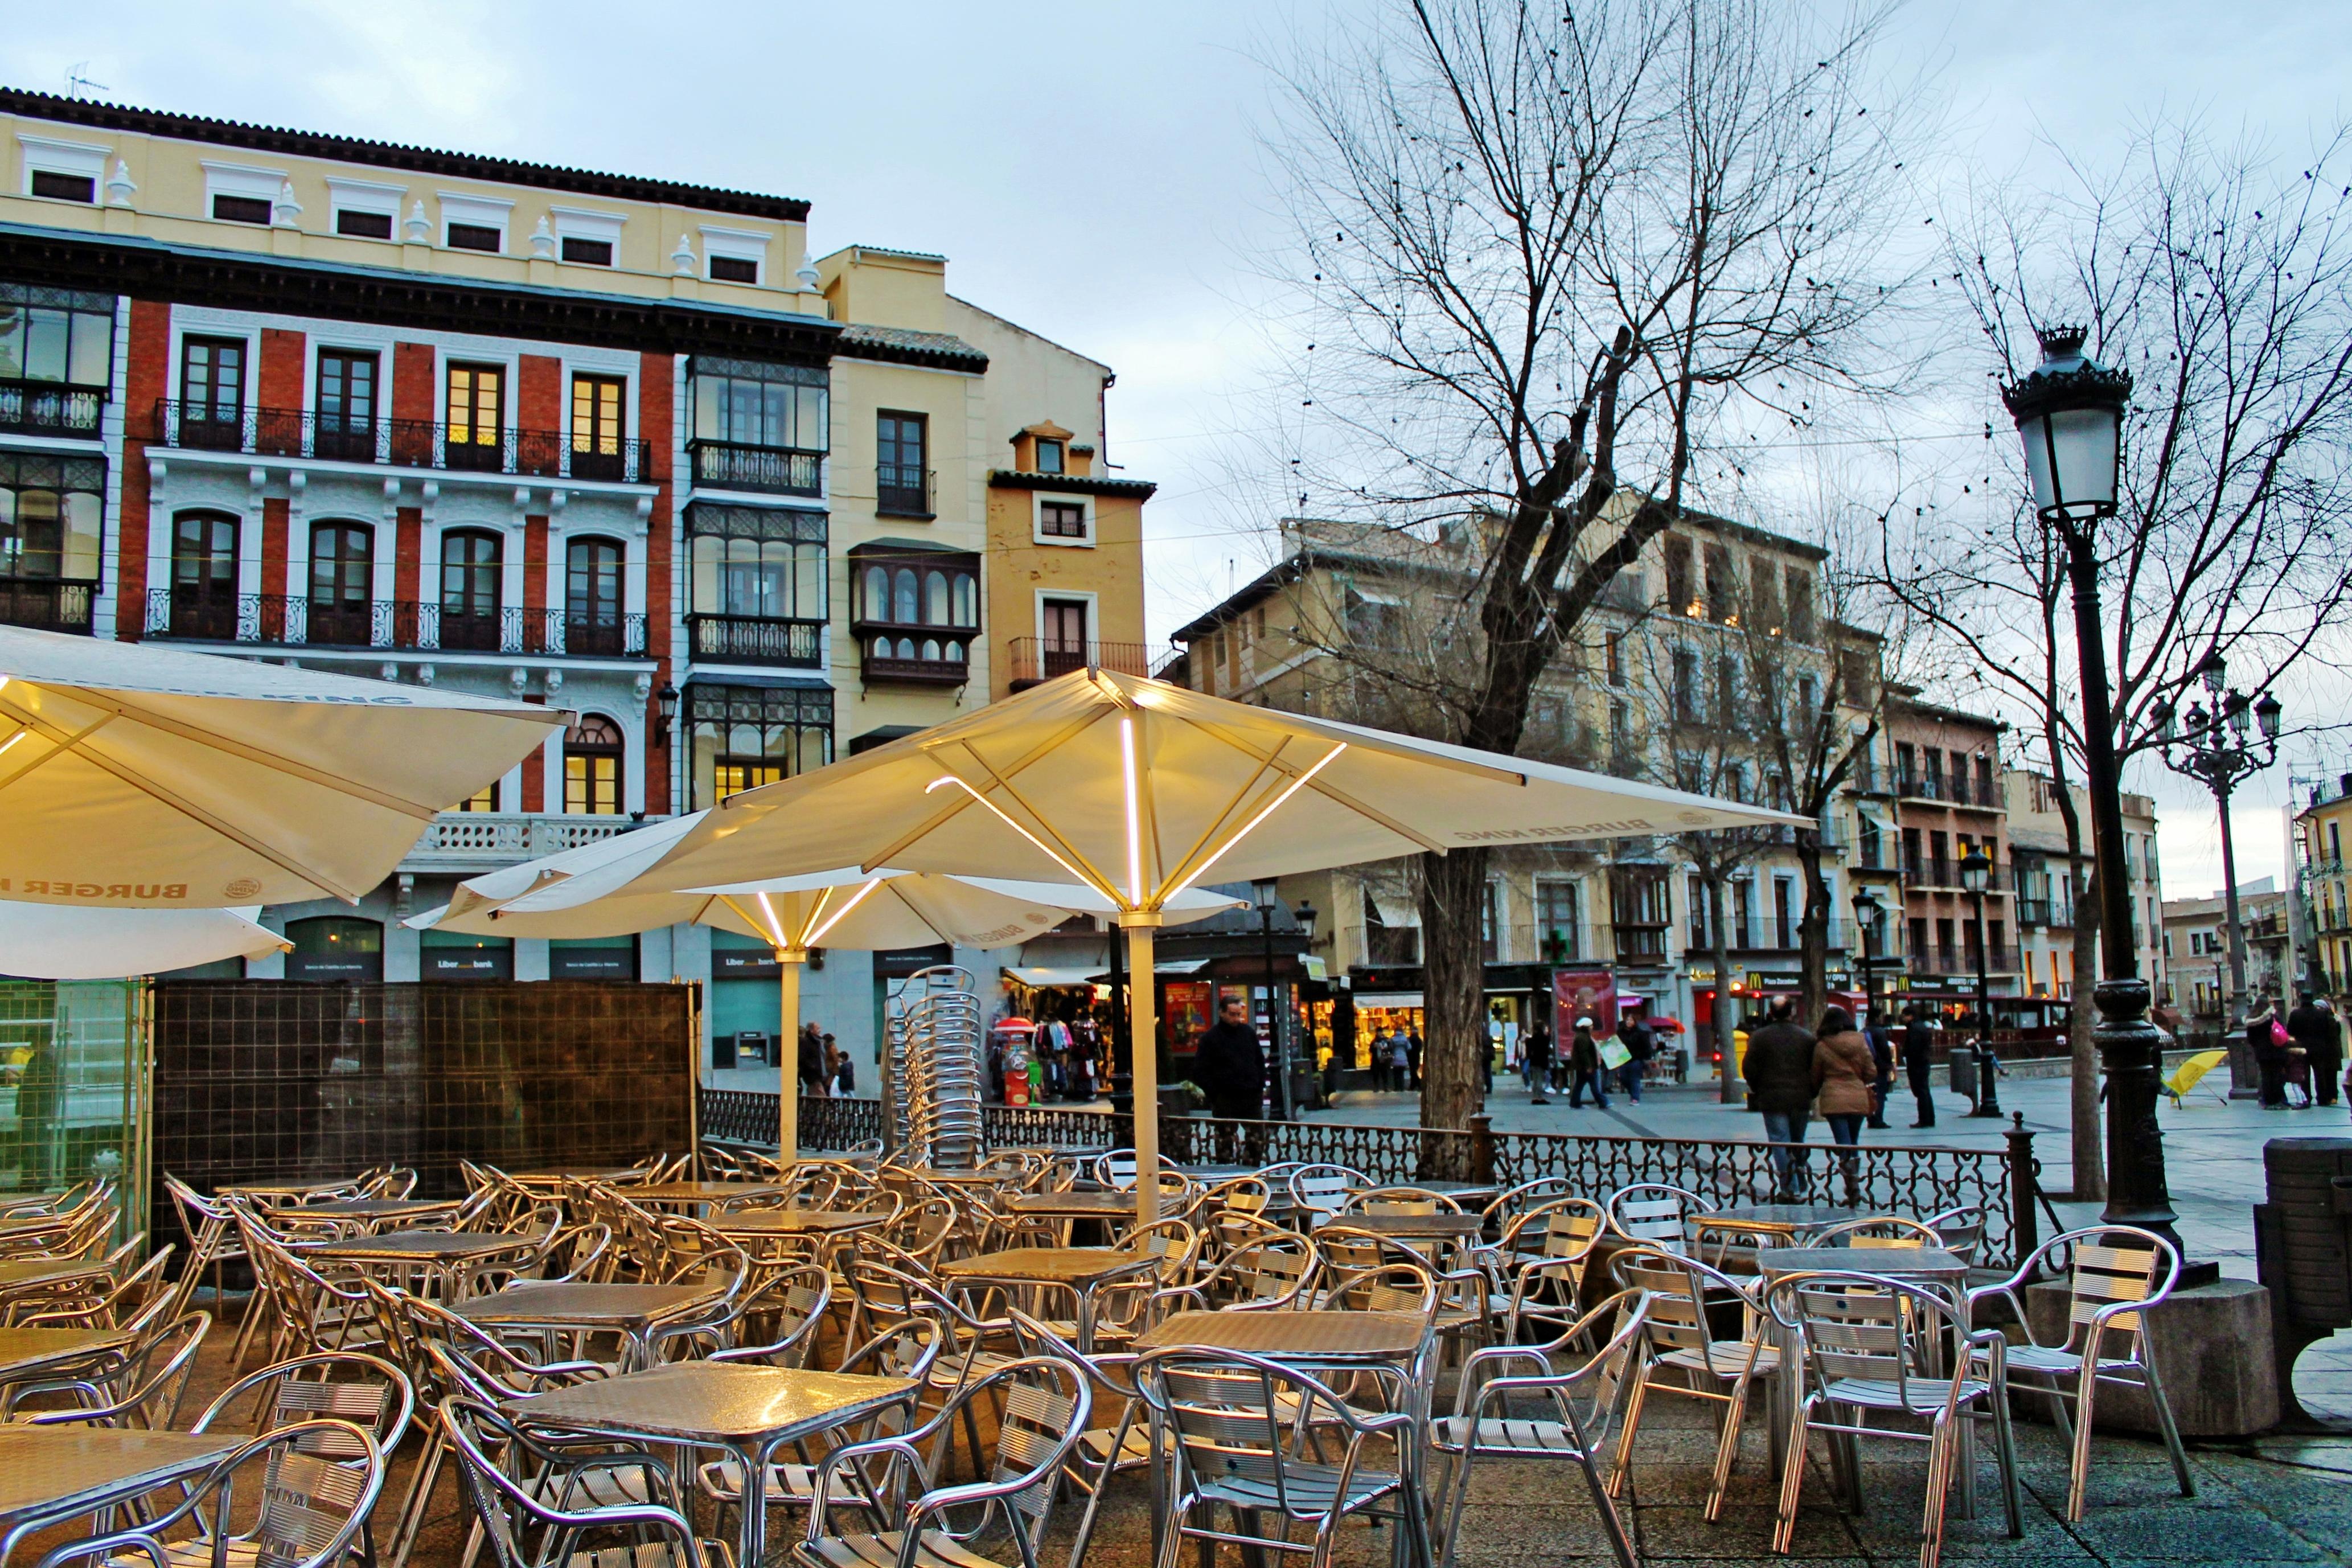 Roteiro de um dia em Toledo, Espanha